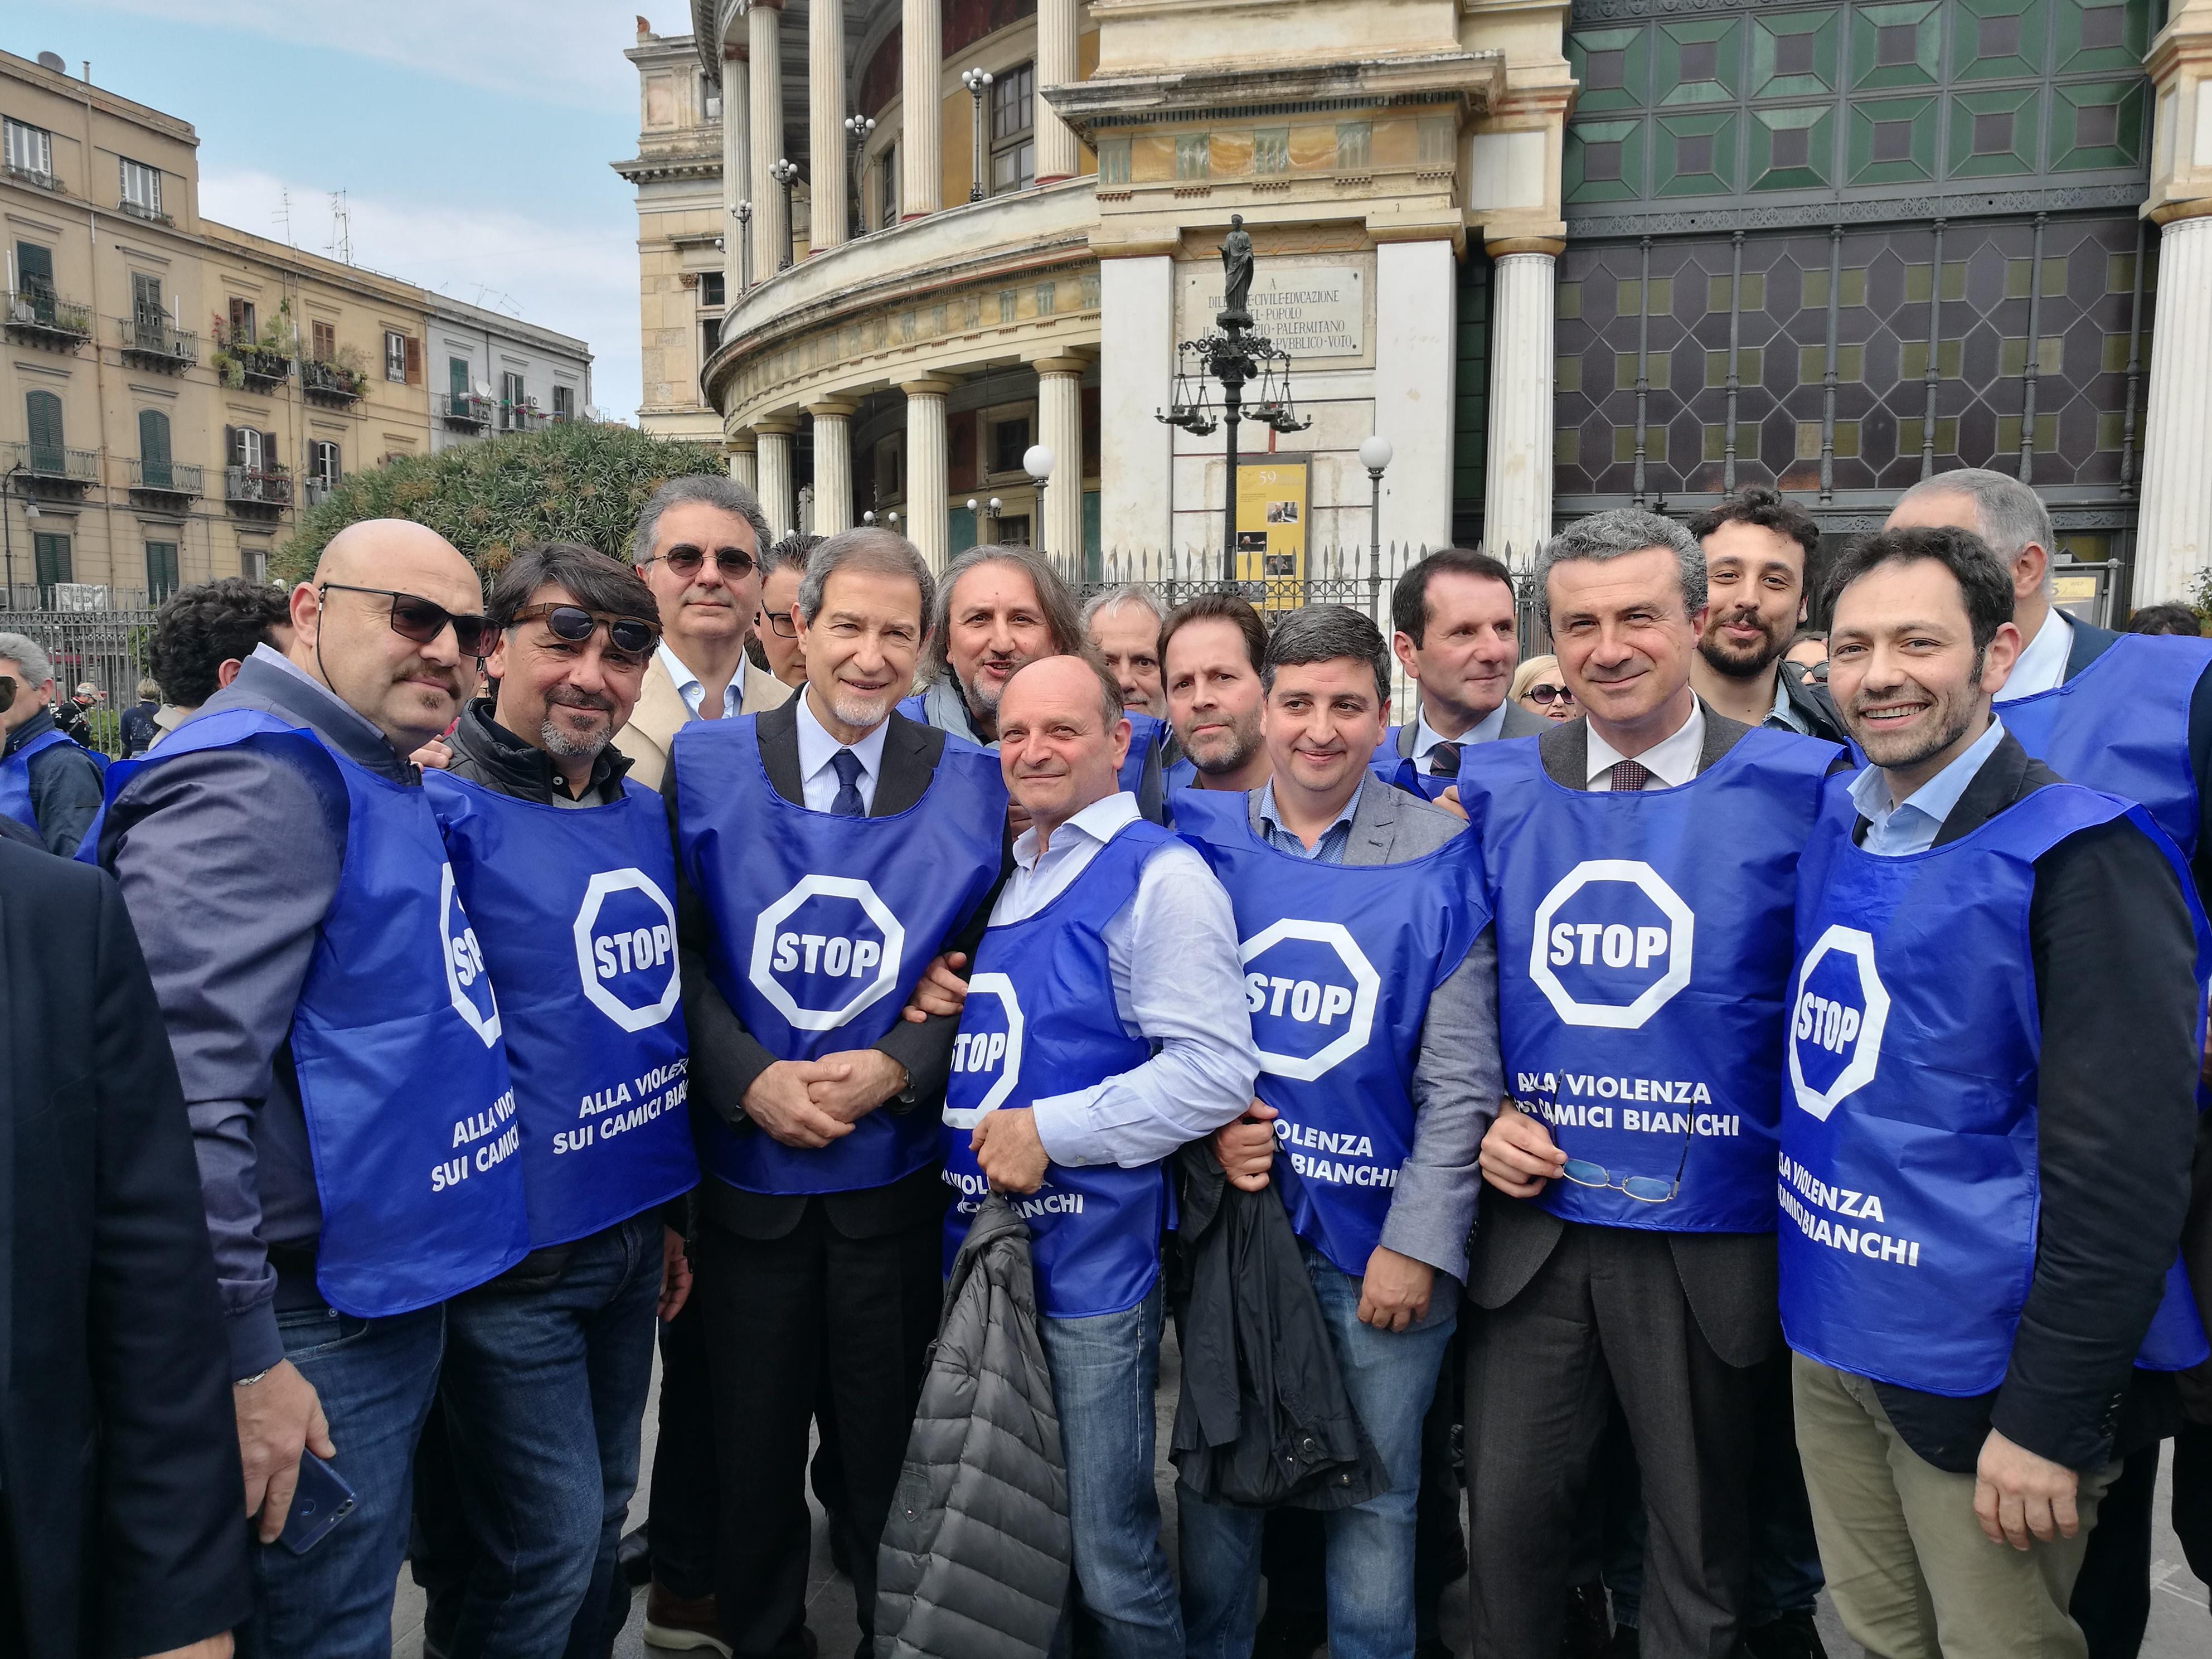 Sanità in Sicilia. No alla violenza, Ugl si schiera al fianco degli operatori sanitari